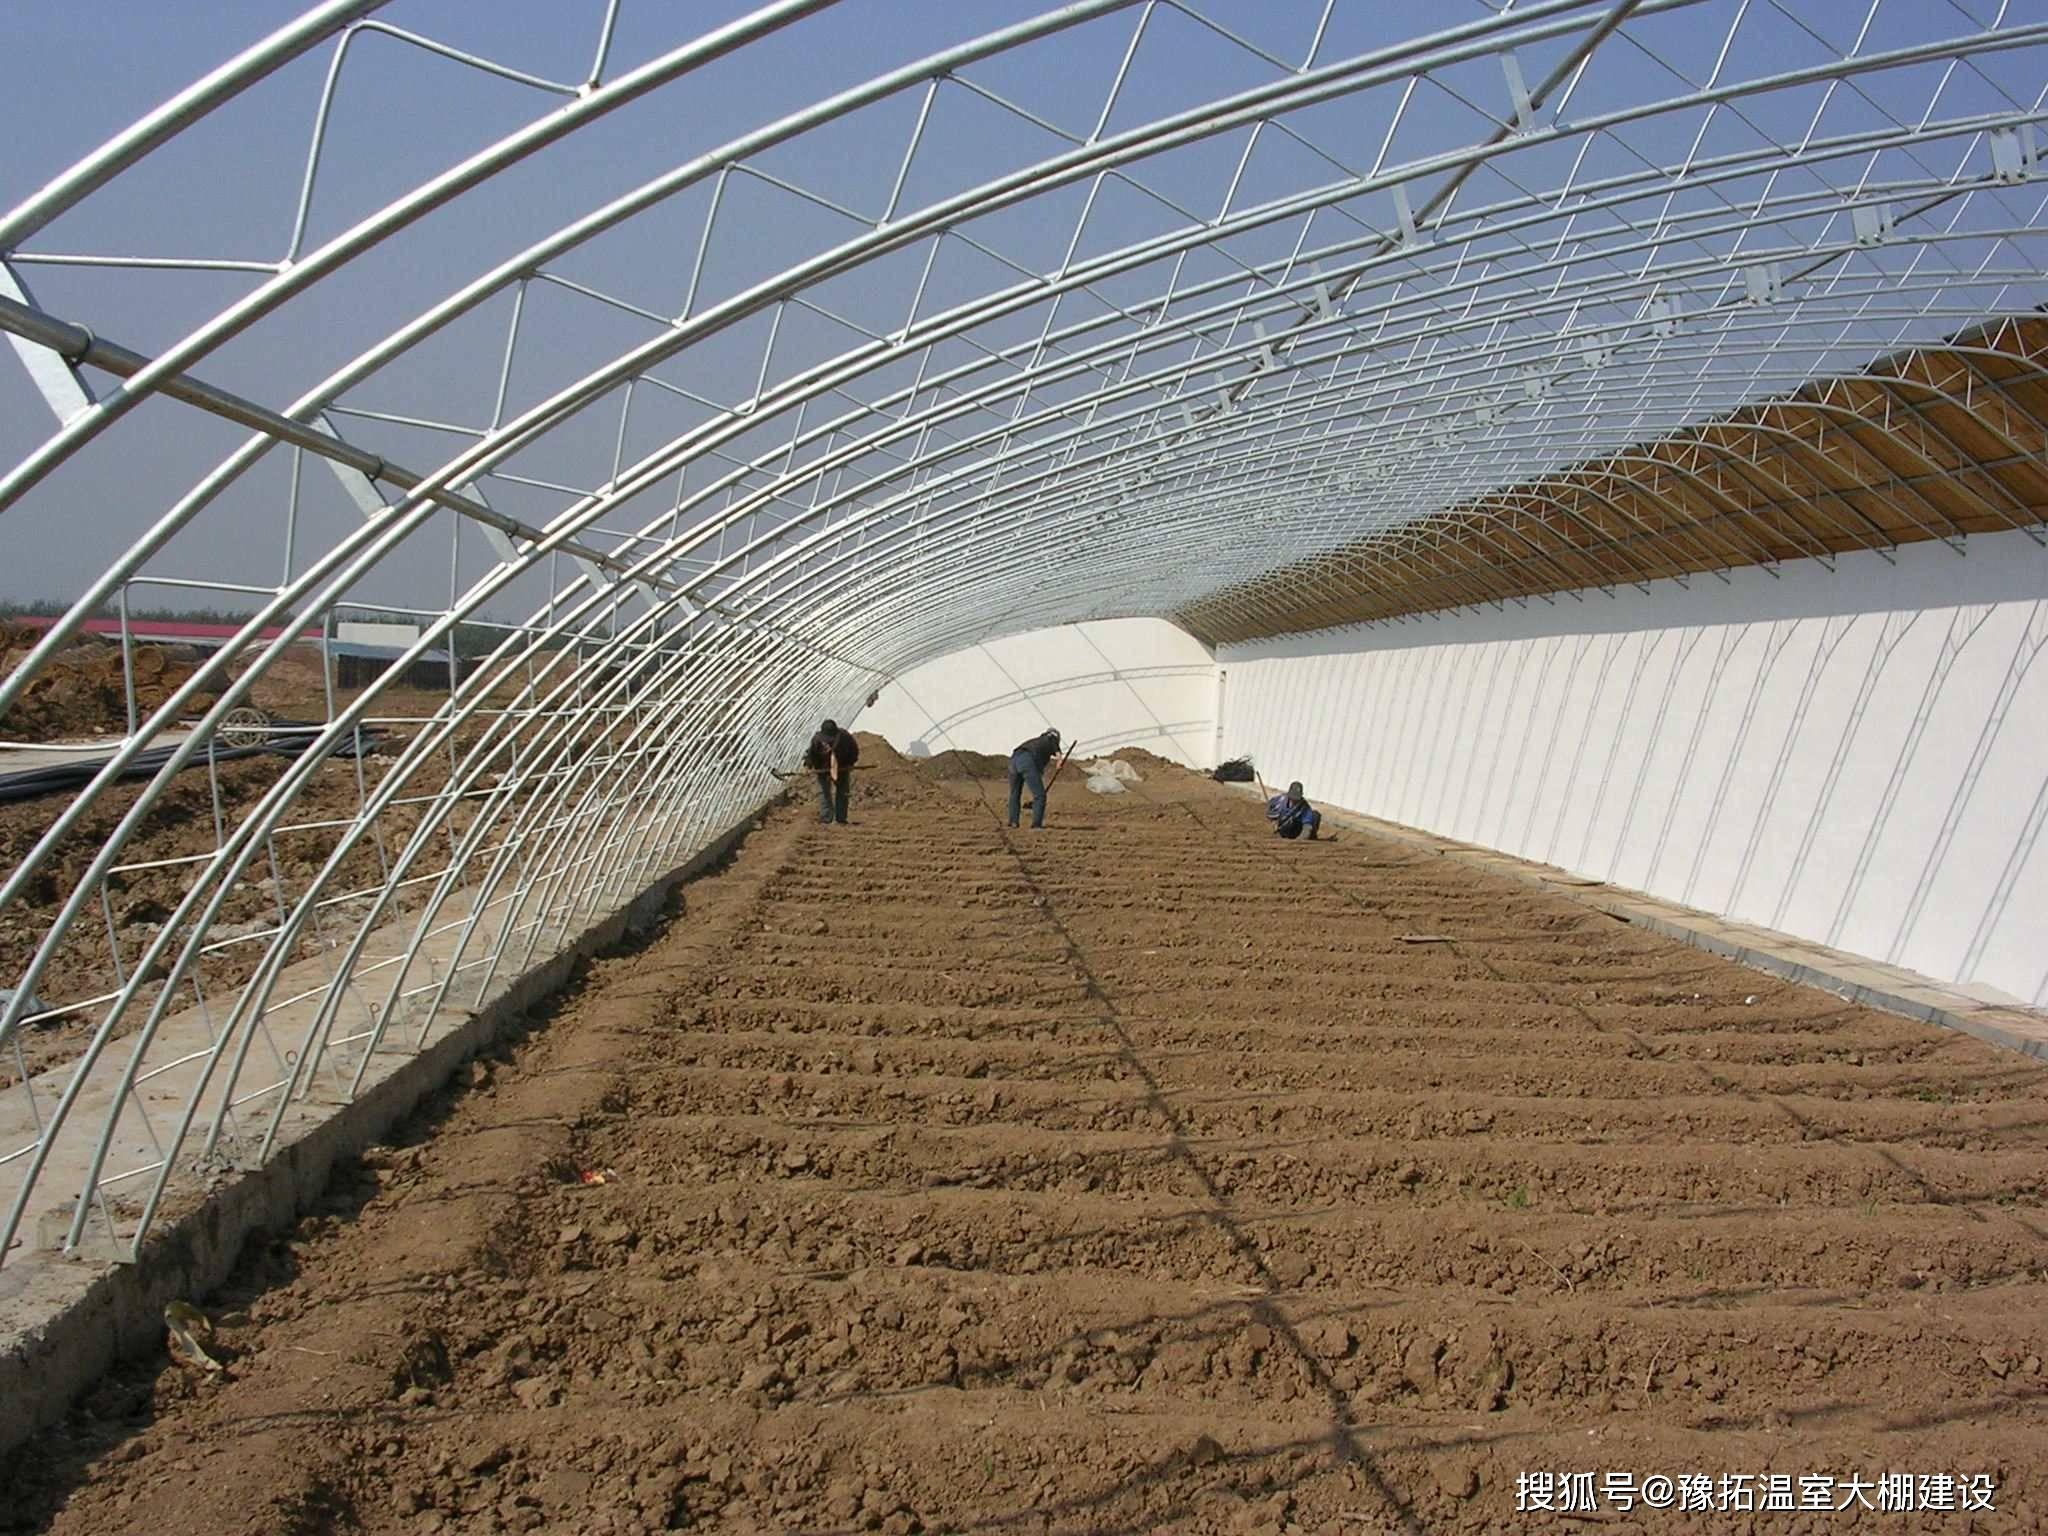 全阳光板温室如何建造?一亩地的全阳光板温室造价需要多少钱